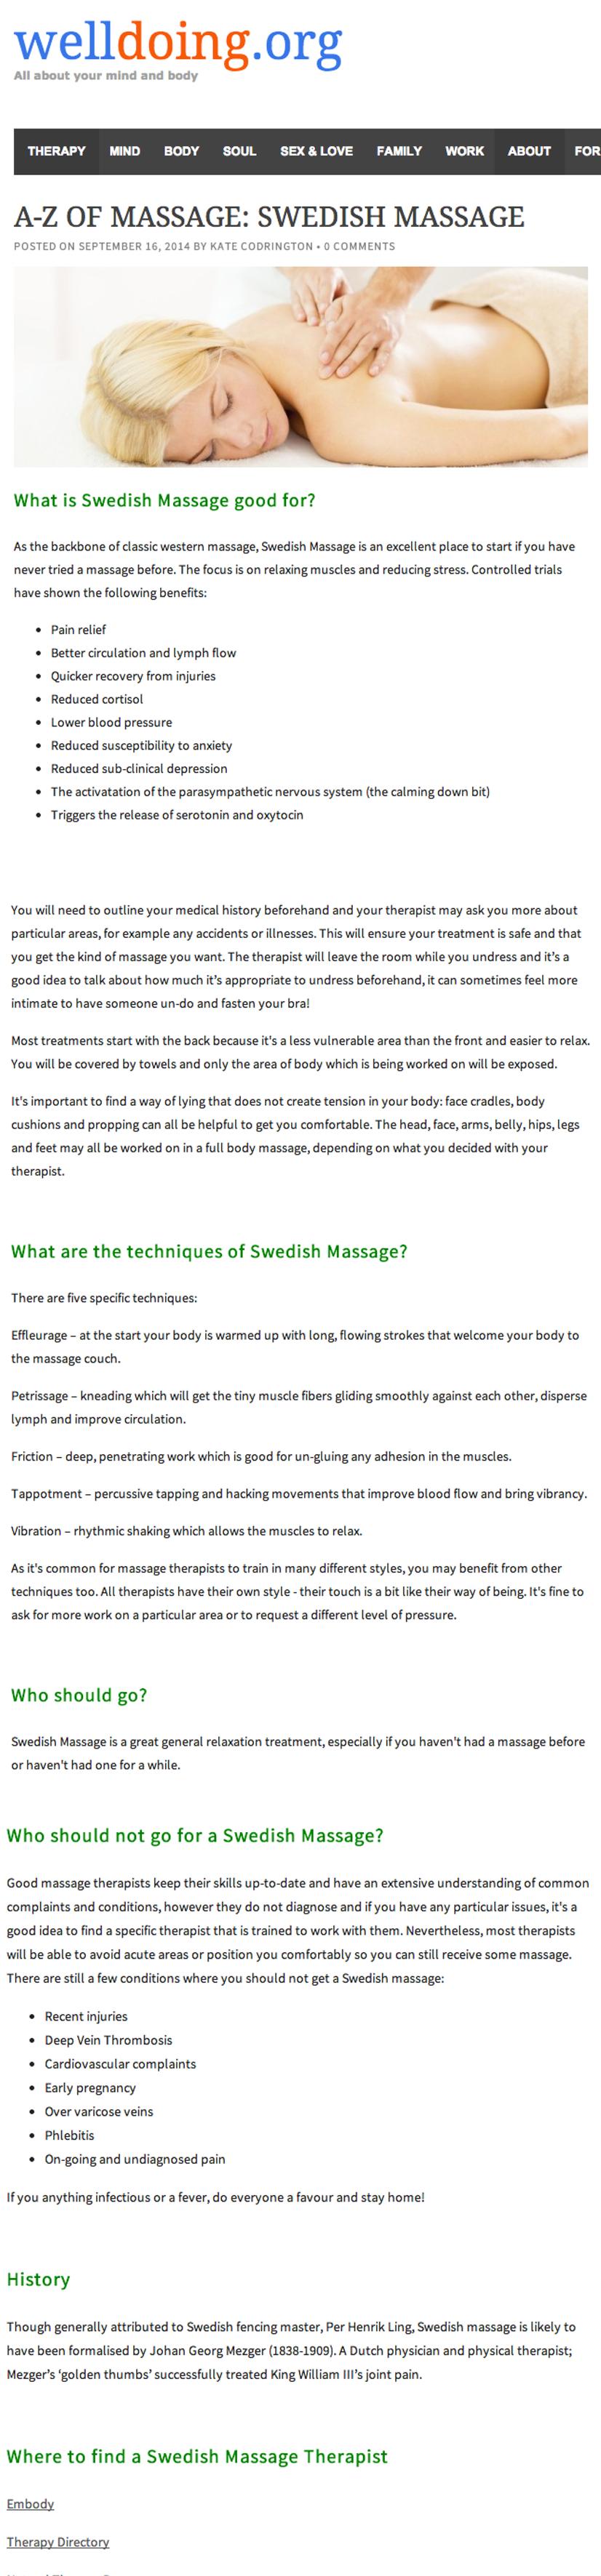 A-Z of Massage - Swedish Massage